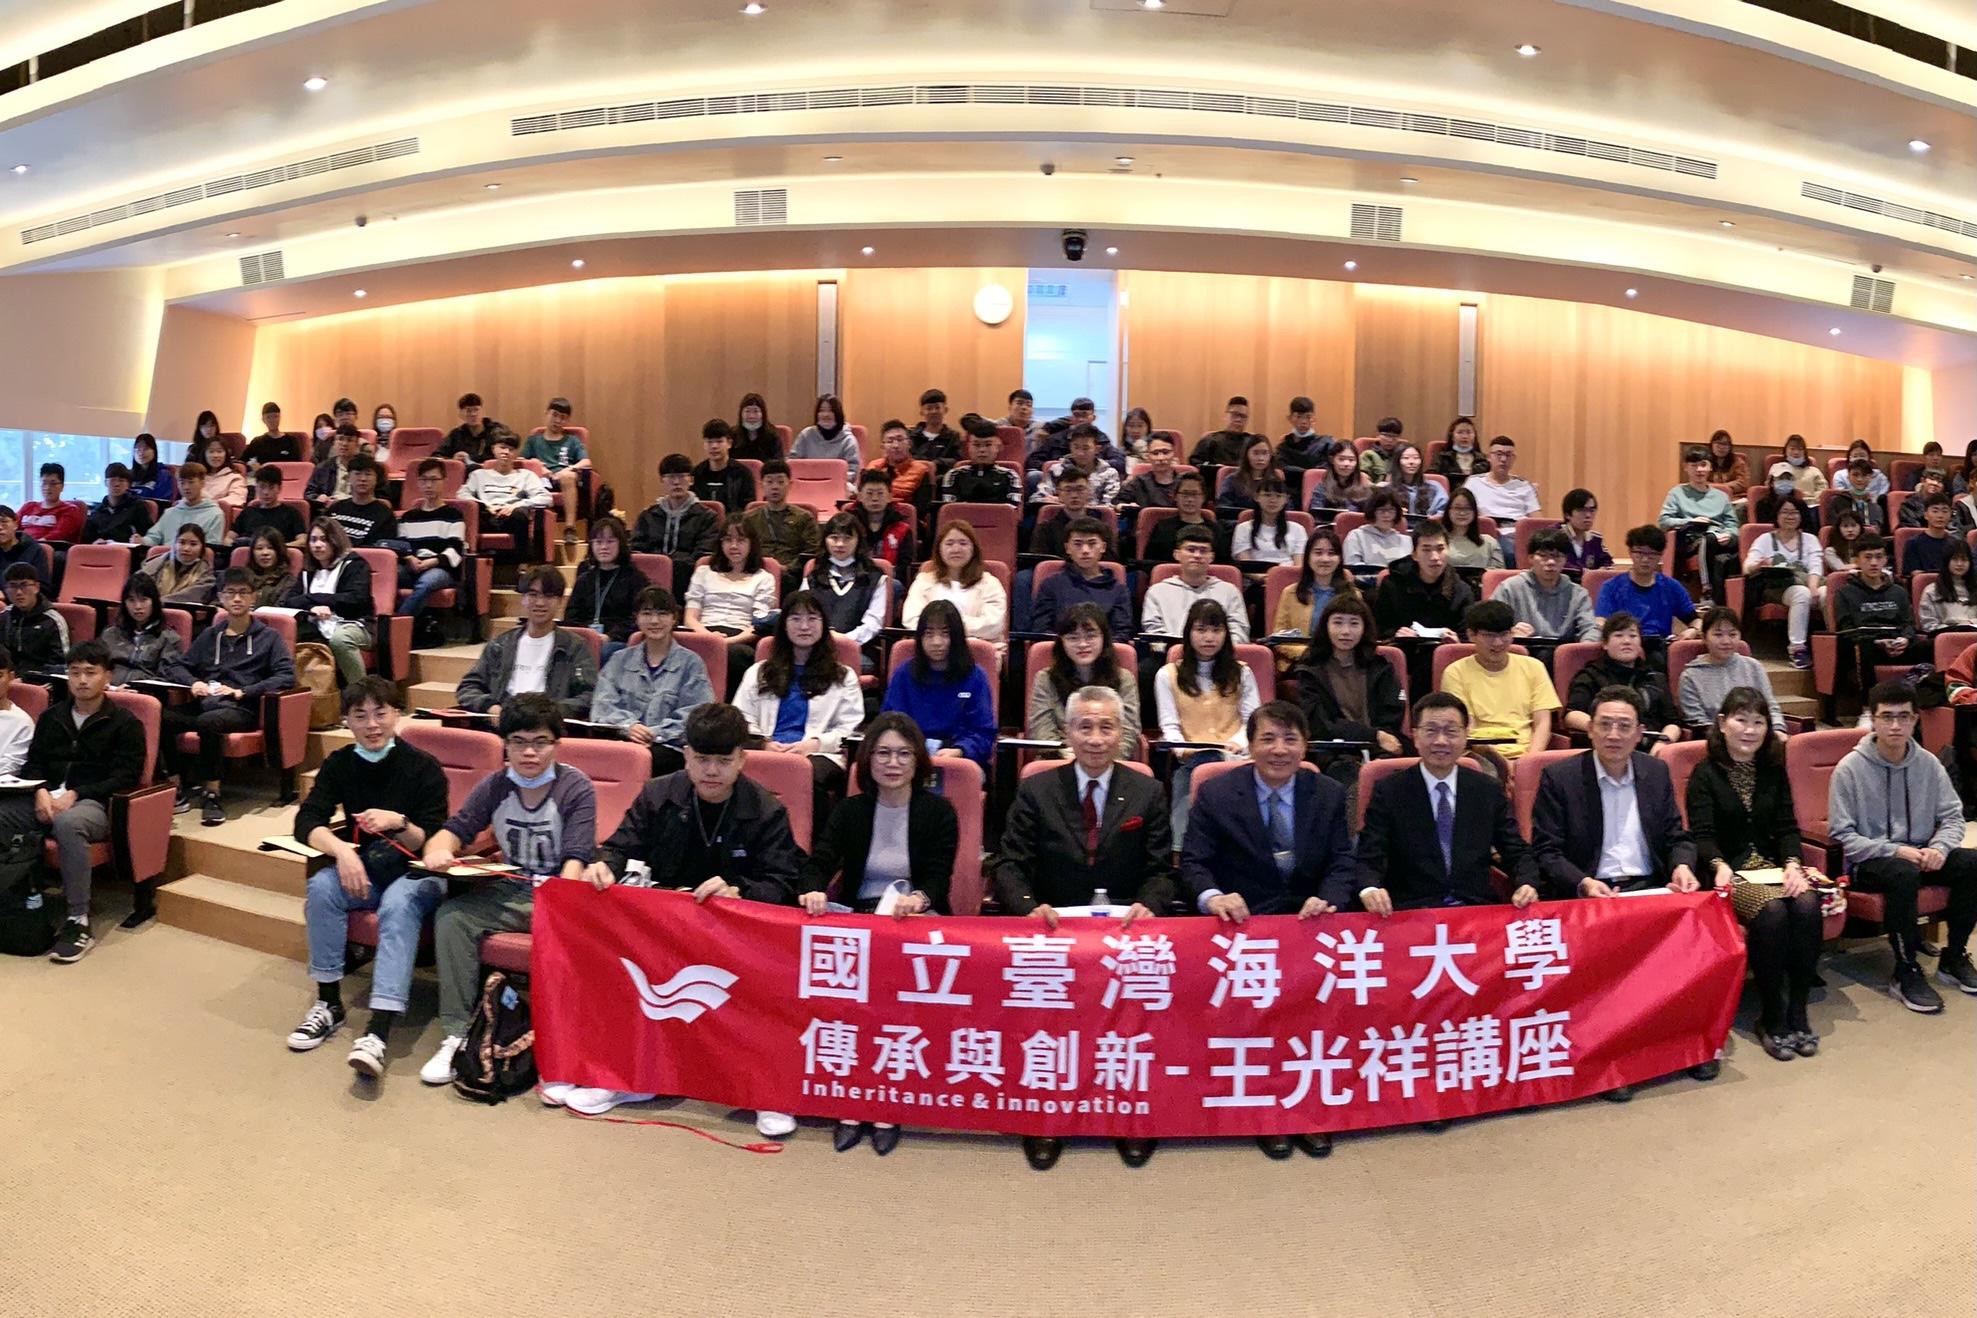 「傳承與創新-王光祥講座」 百大校友企業家分享邁向成功的人生